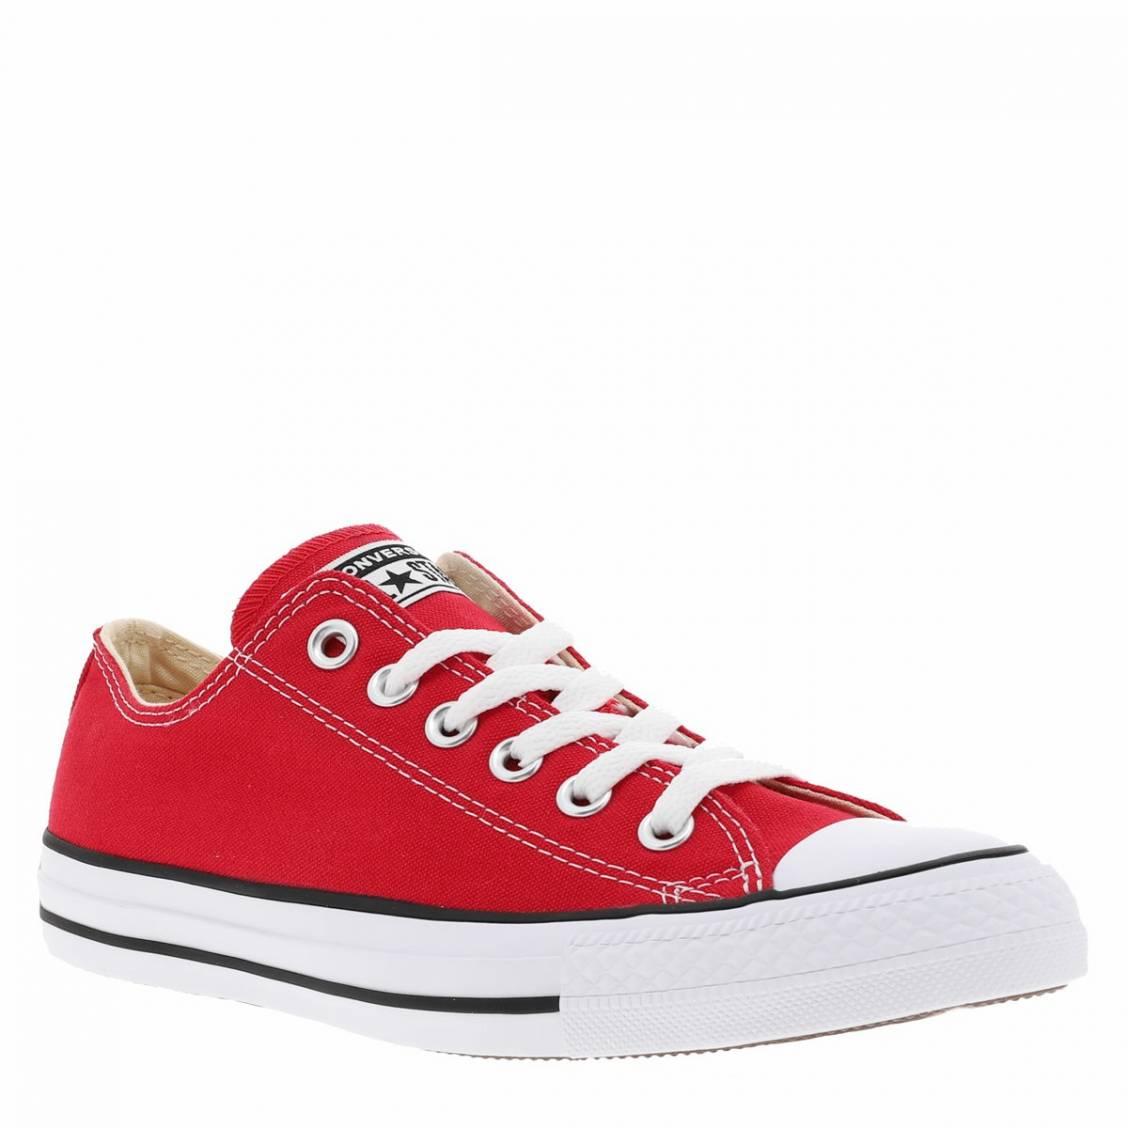 3d828662278a2 ... Baskets basses Converse Chuck Tailor en toile rouge ...